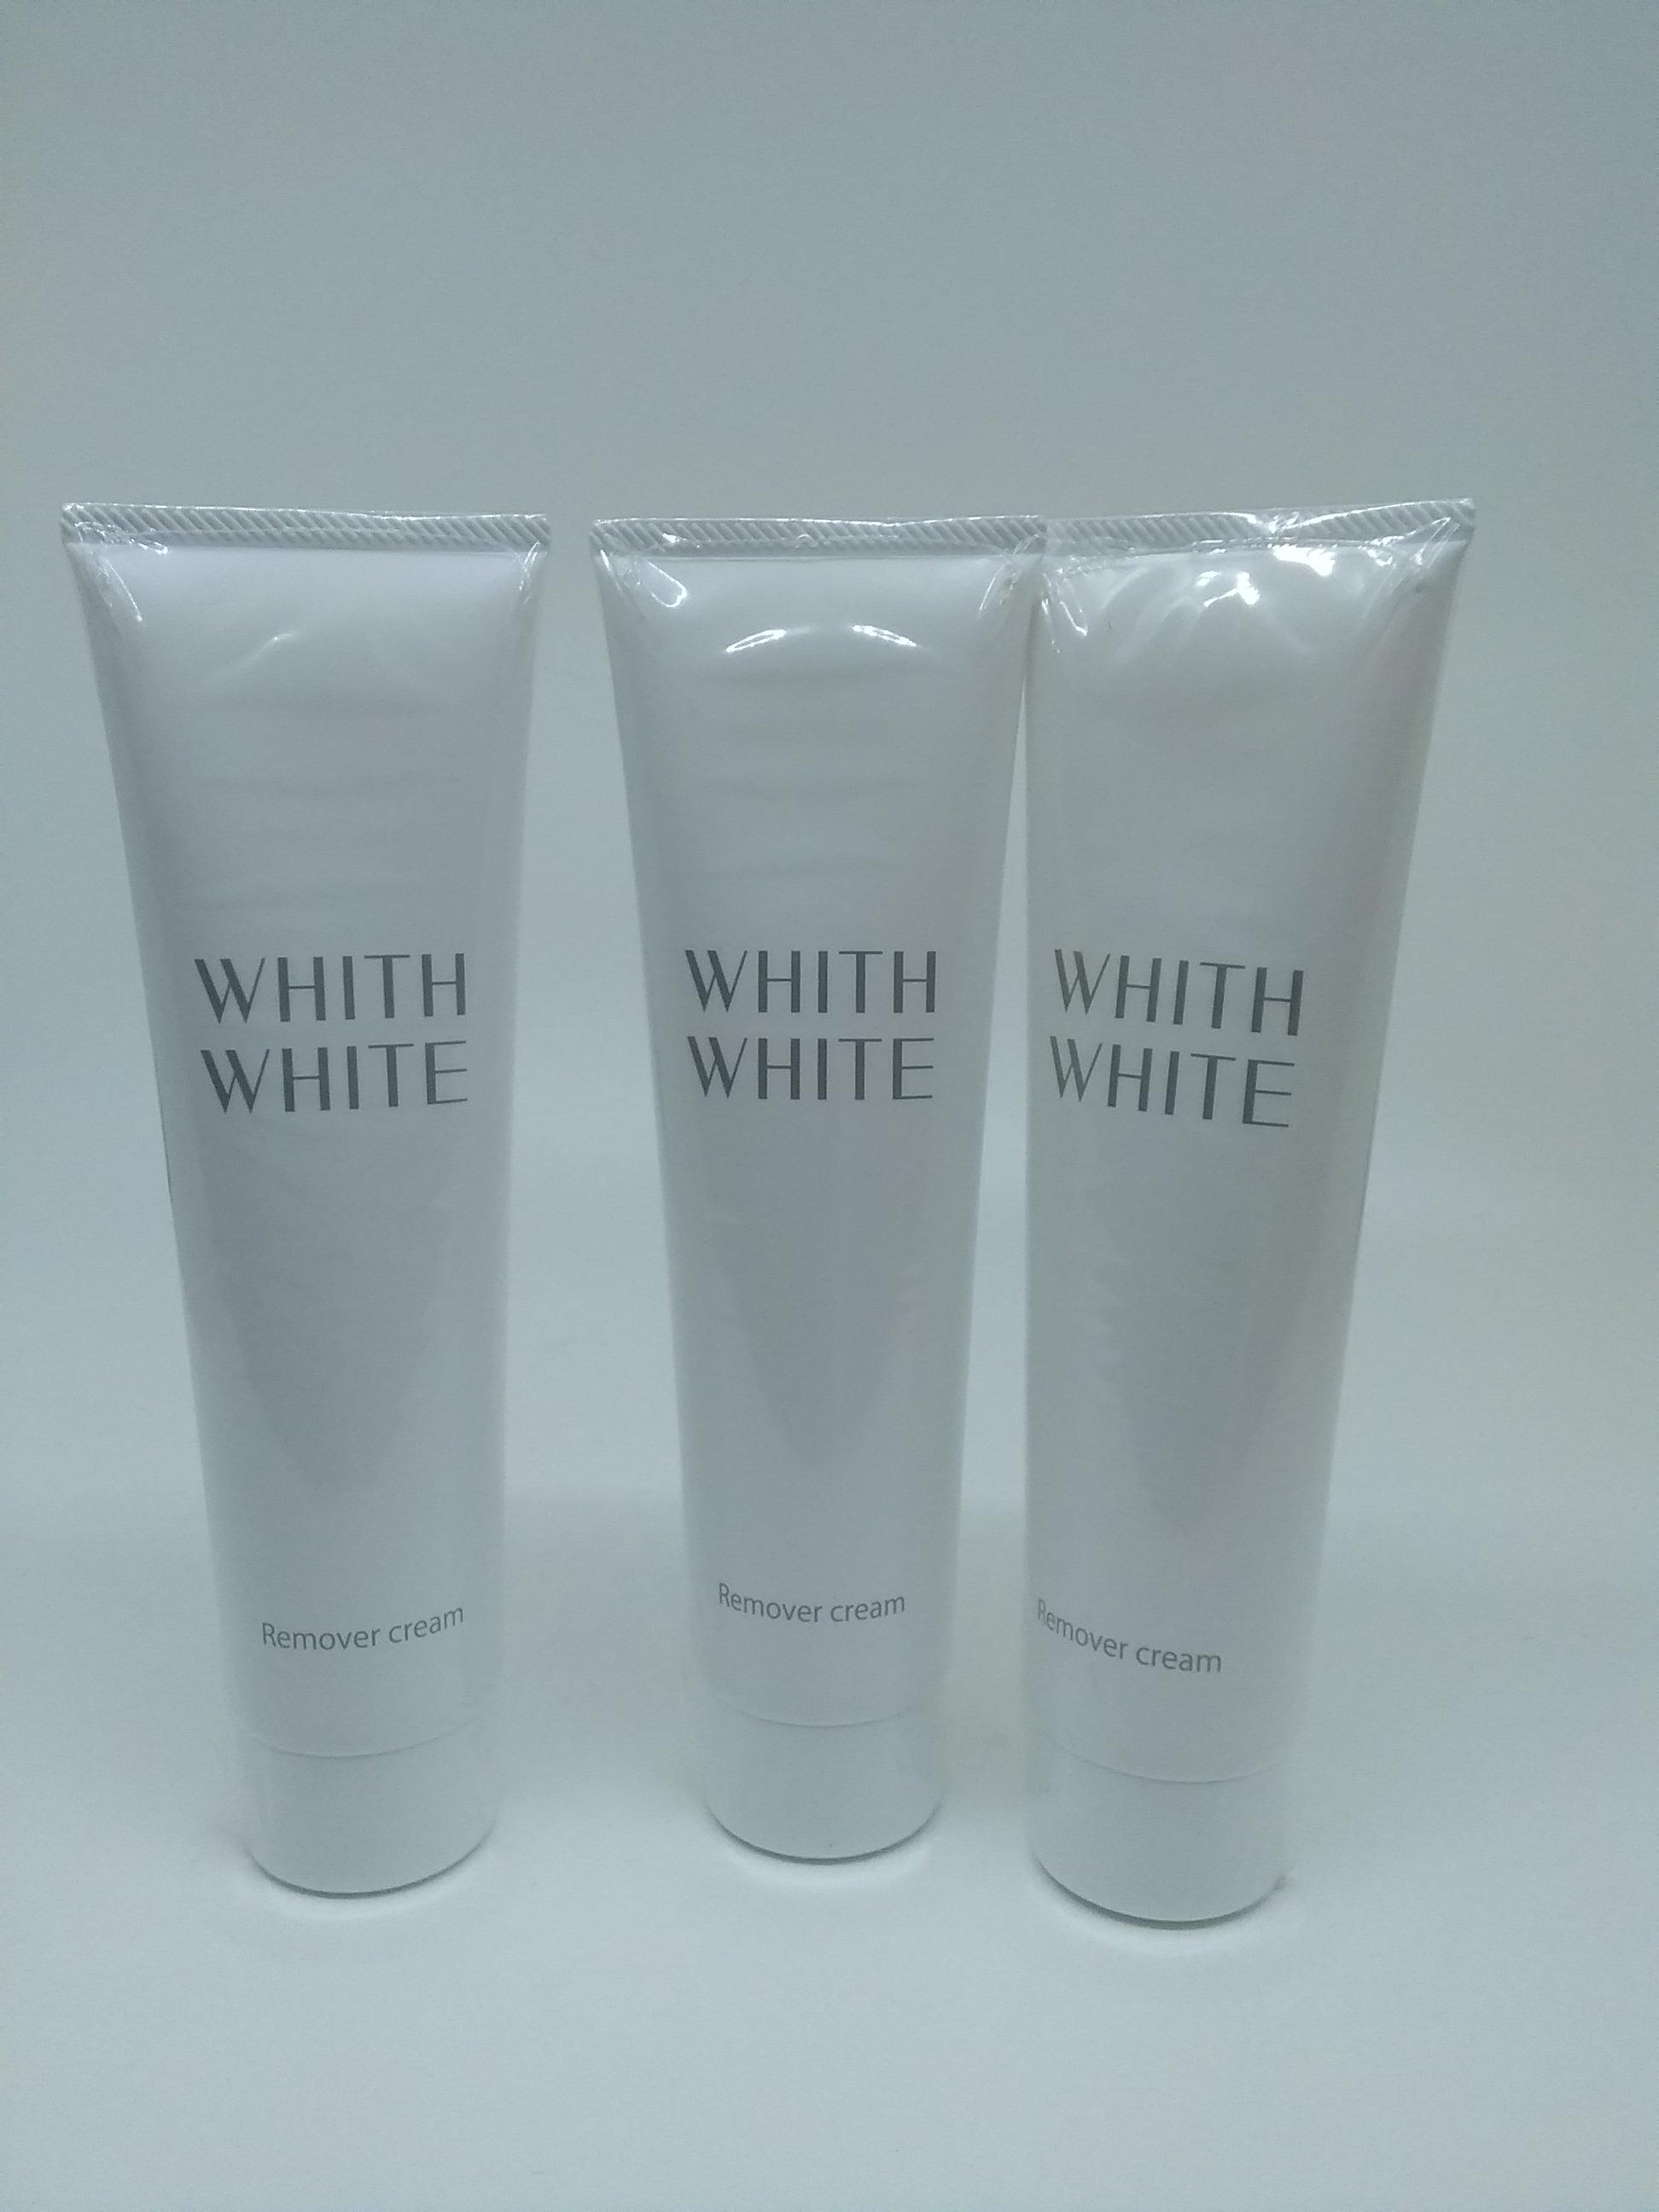 フィスホワイトリムーバクリーム ミリオナ化粧品